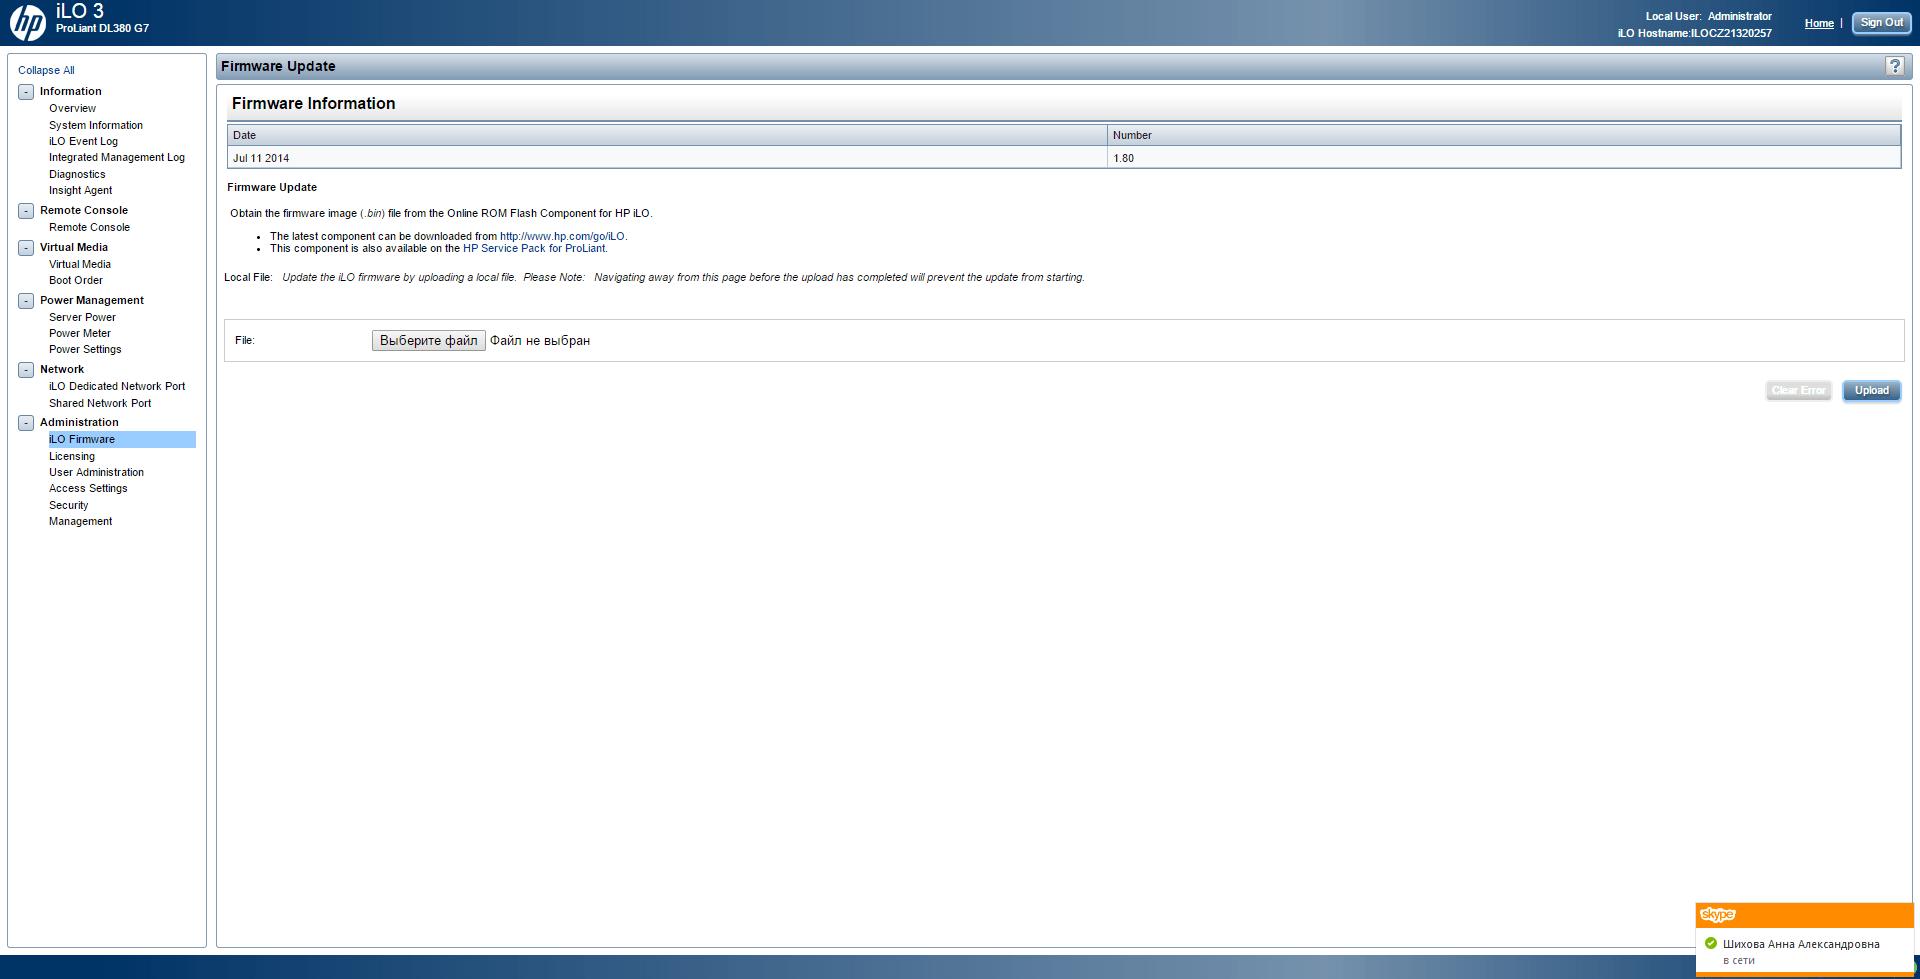 Обзор параметров ILO 3 в HP dl380 g7-23